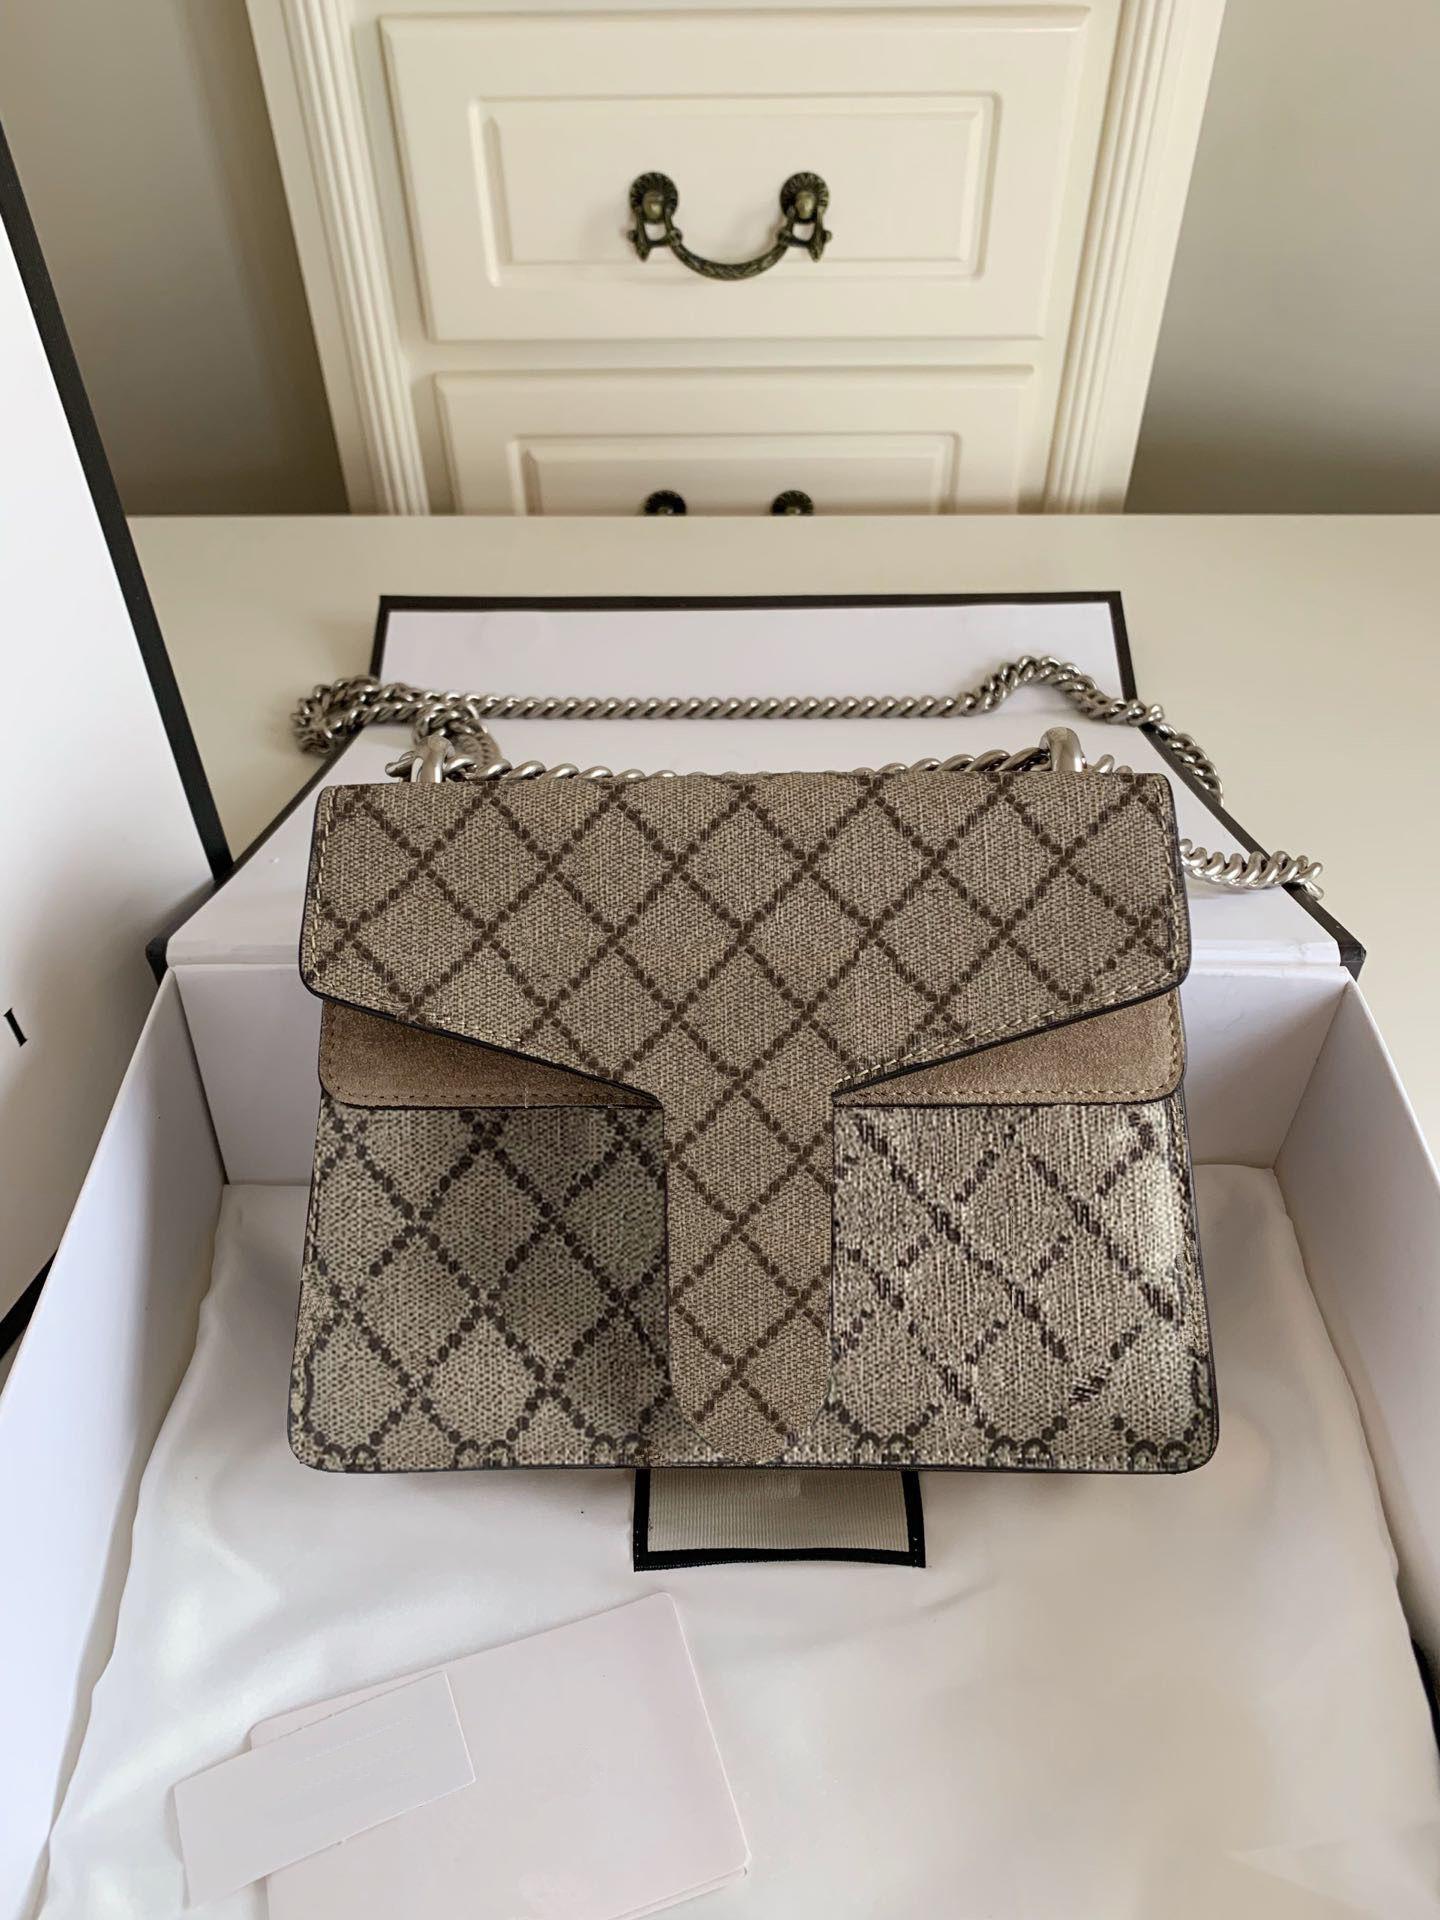 أزياء جلد طبيعي ديونيسوس البسيطة أعلى جودة يجب حقيبة مع 4 ألوان في 3 الحجم الأبنوس قماش العتيقة الفضة المنغدة الأجهزة